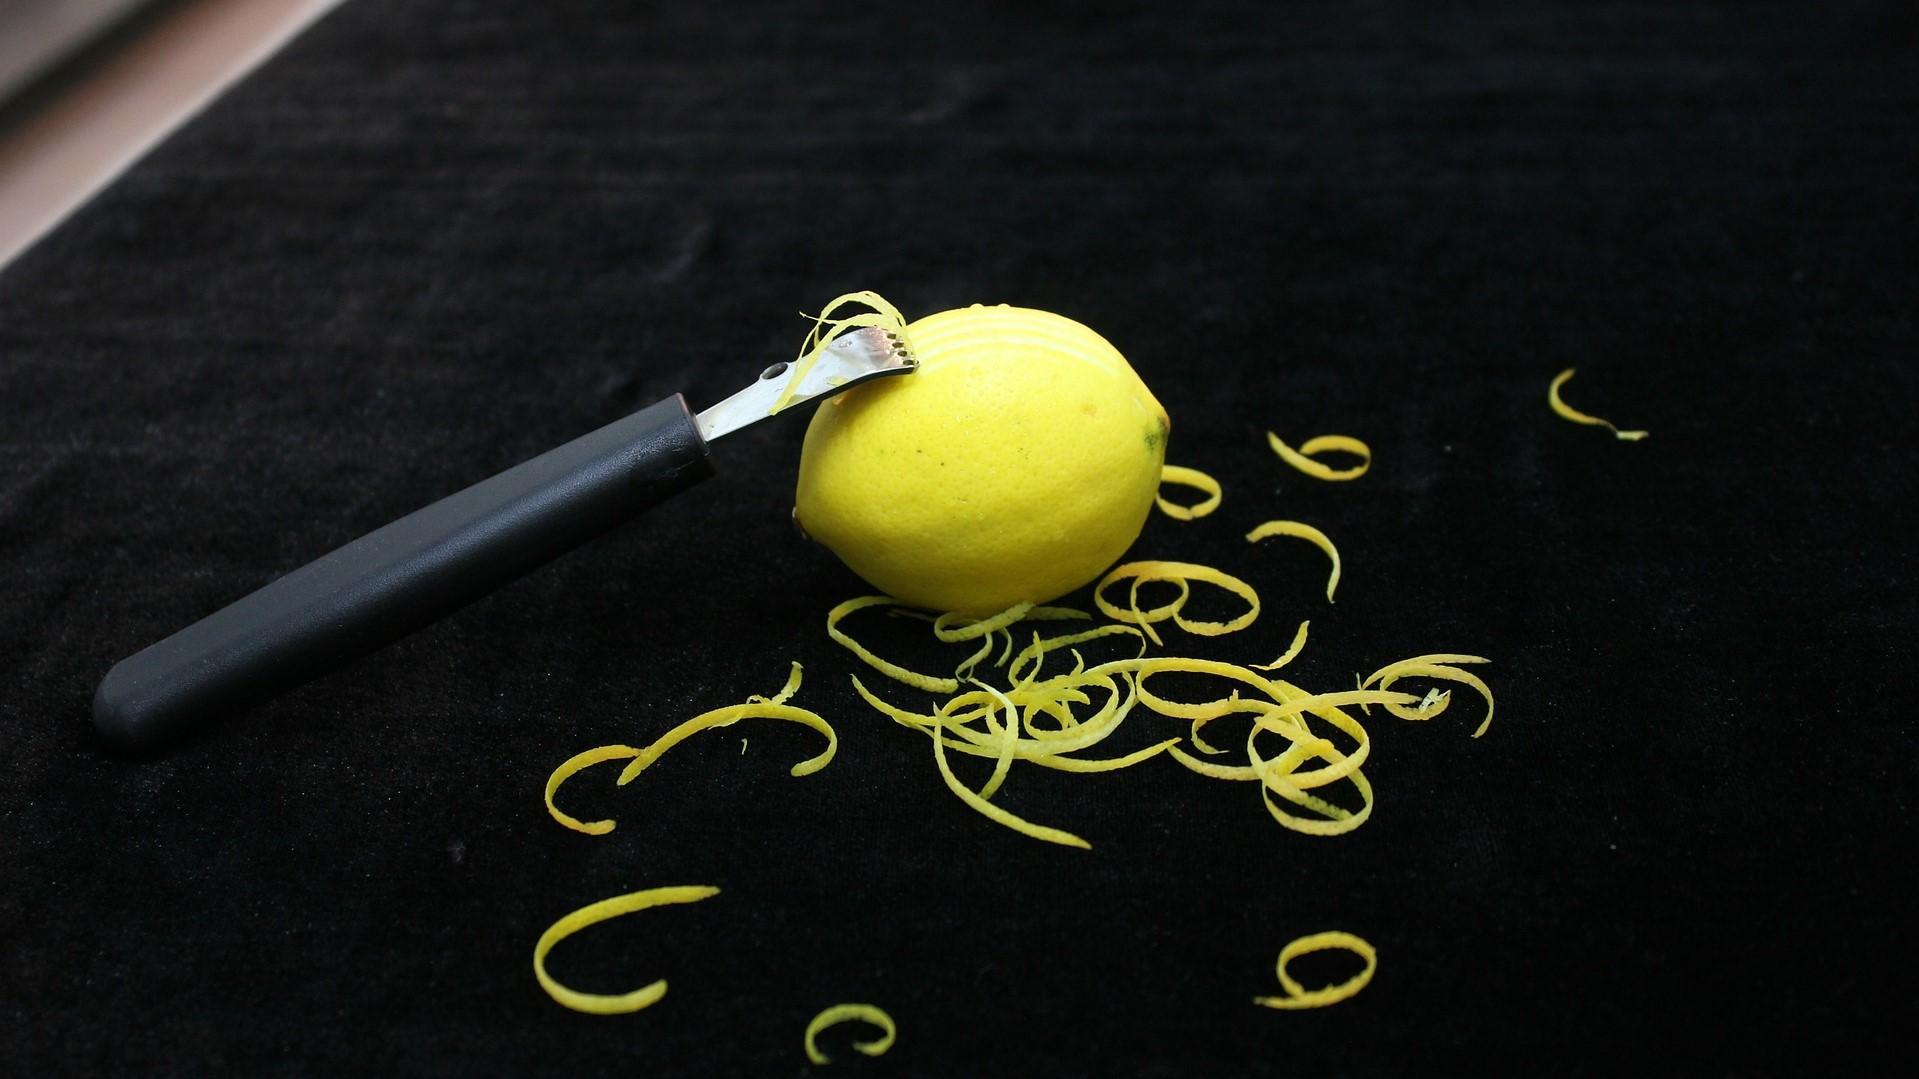 Zitronenschale trocknen - es gibt verschiedene Möglichkeiten